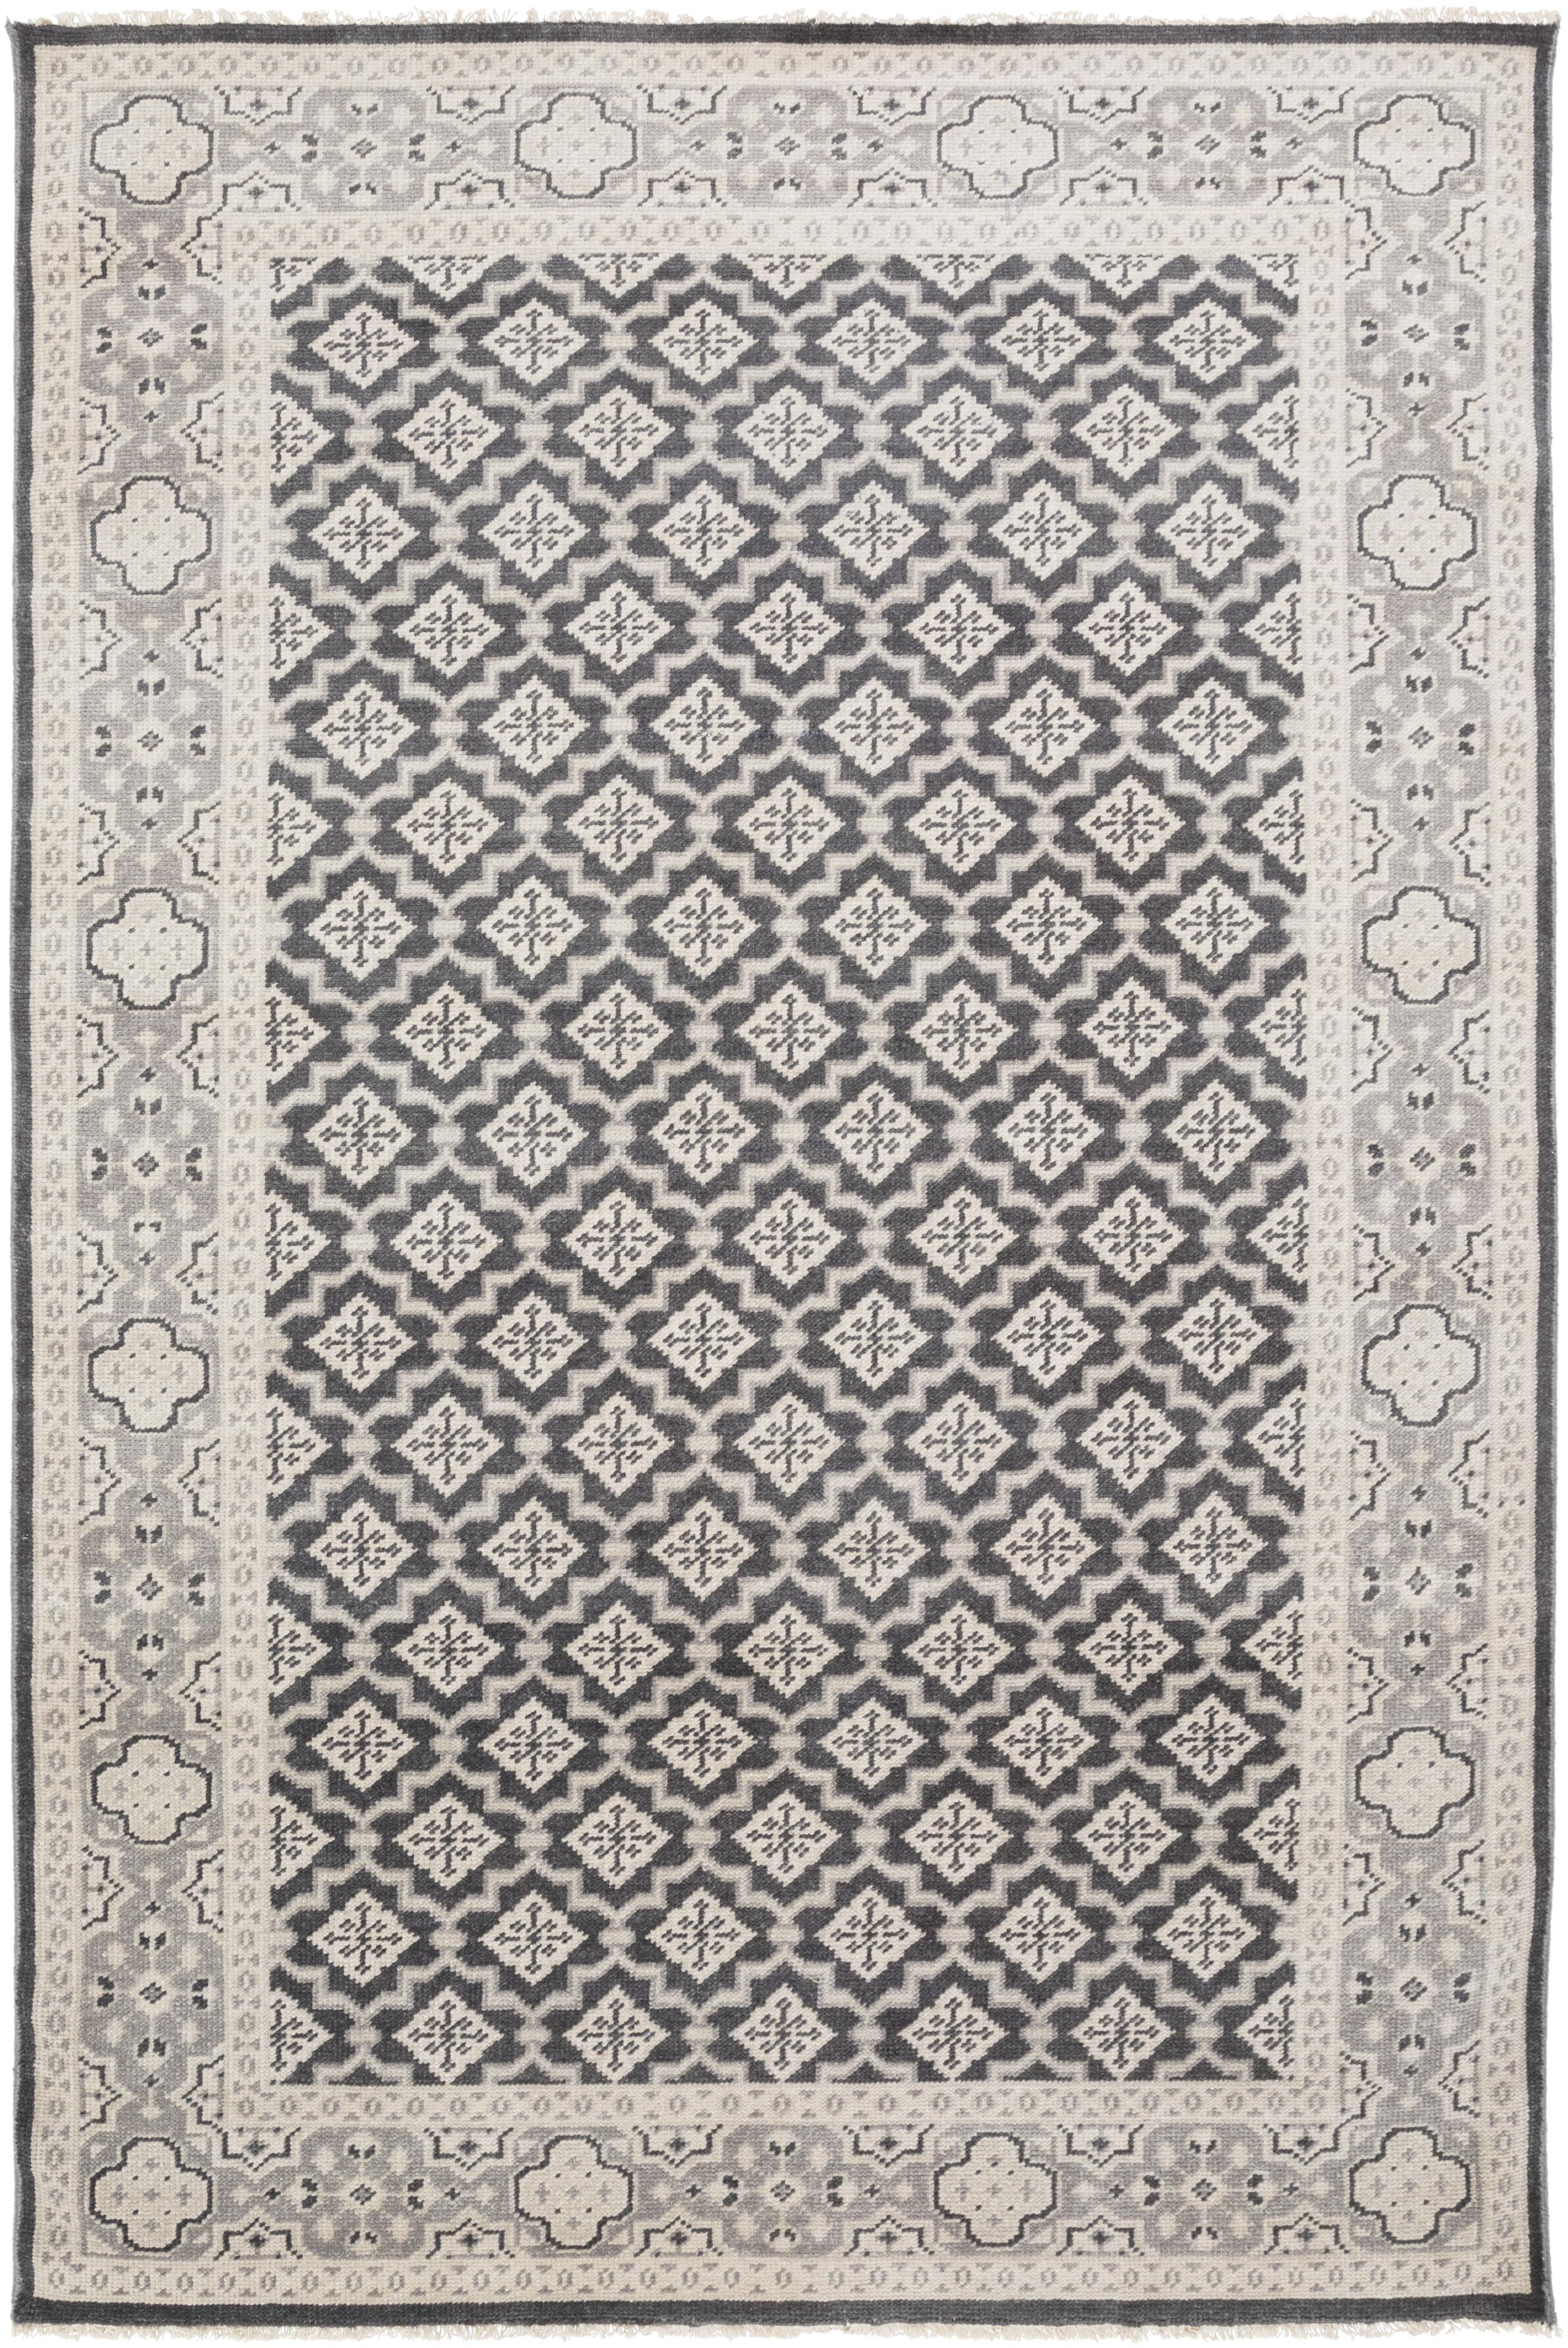 Surya Rugs Cappadocia 2' x 3' - Item Number: CPP5000-23